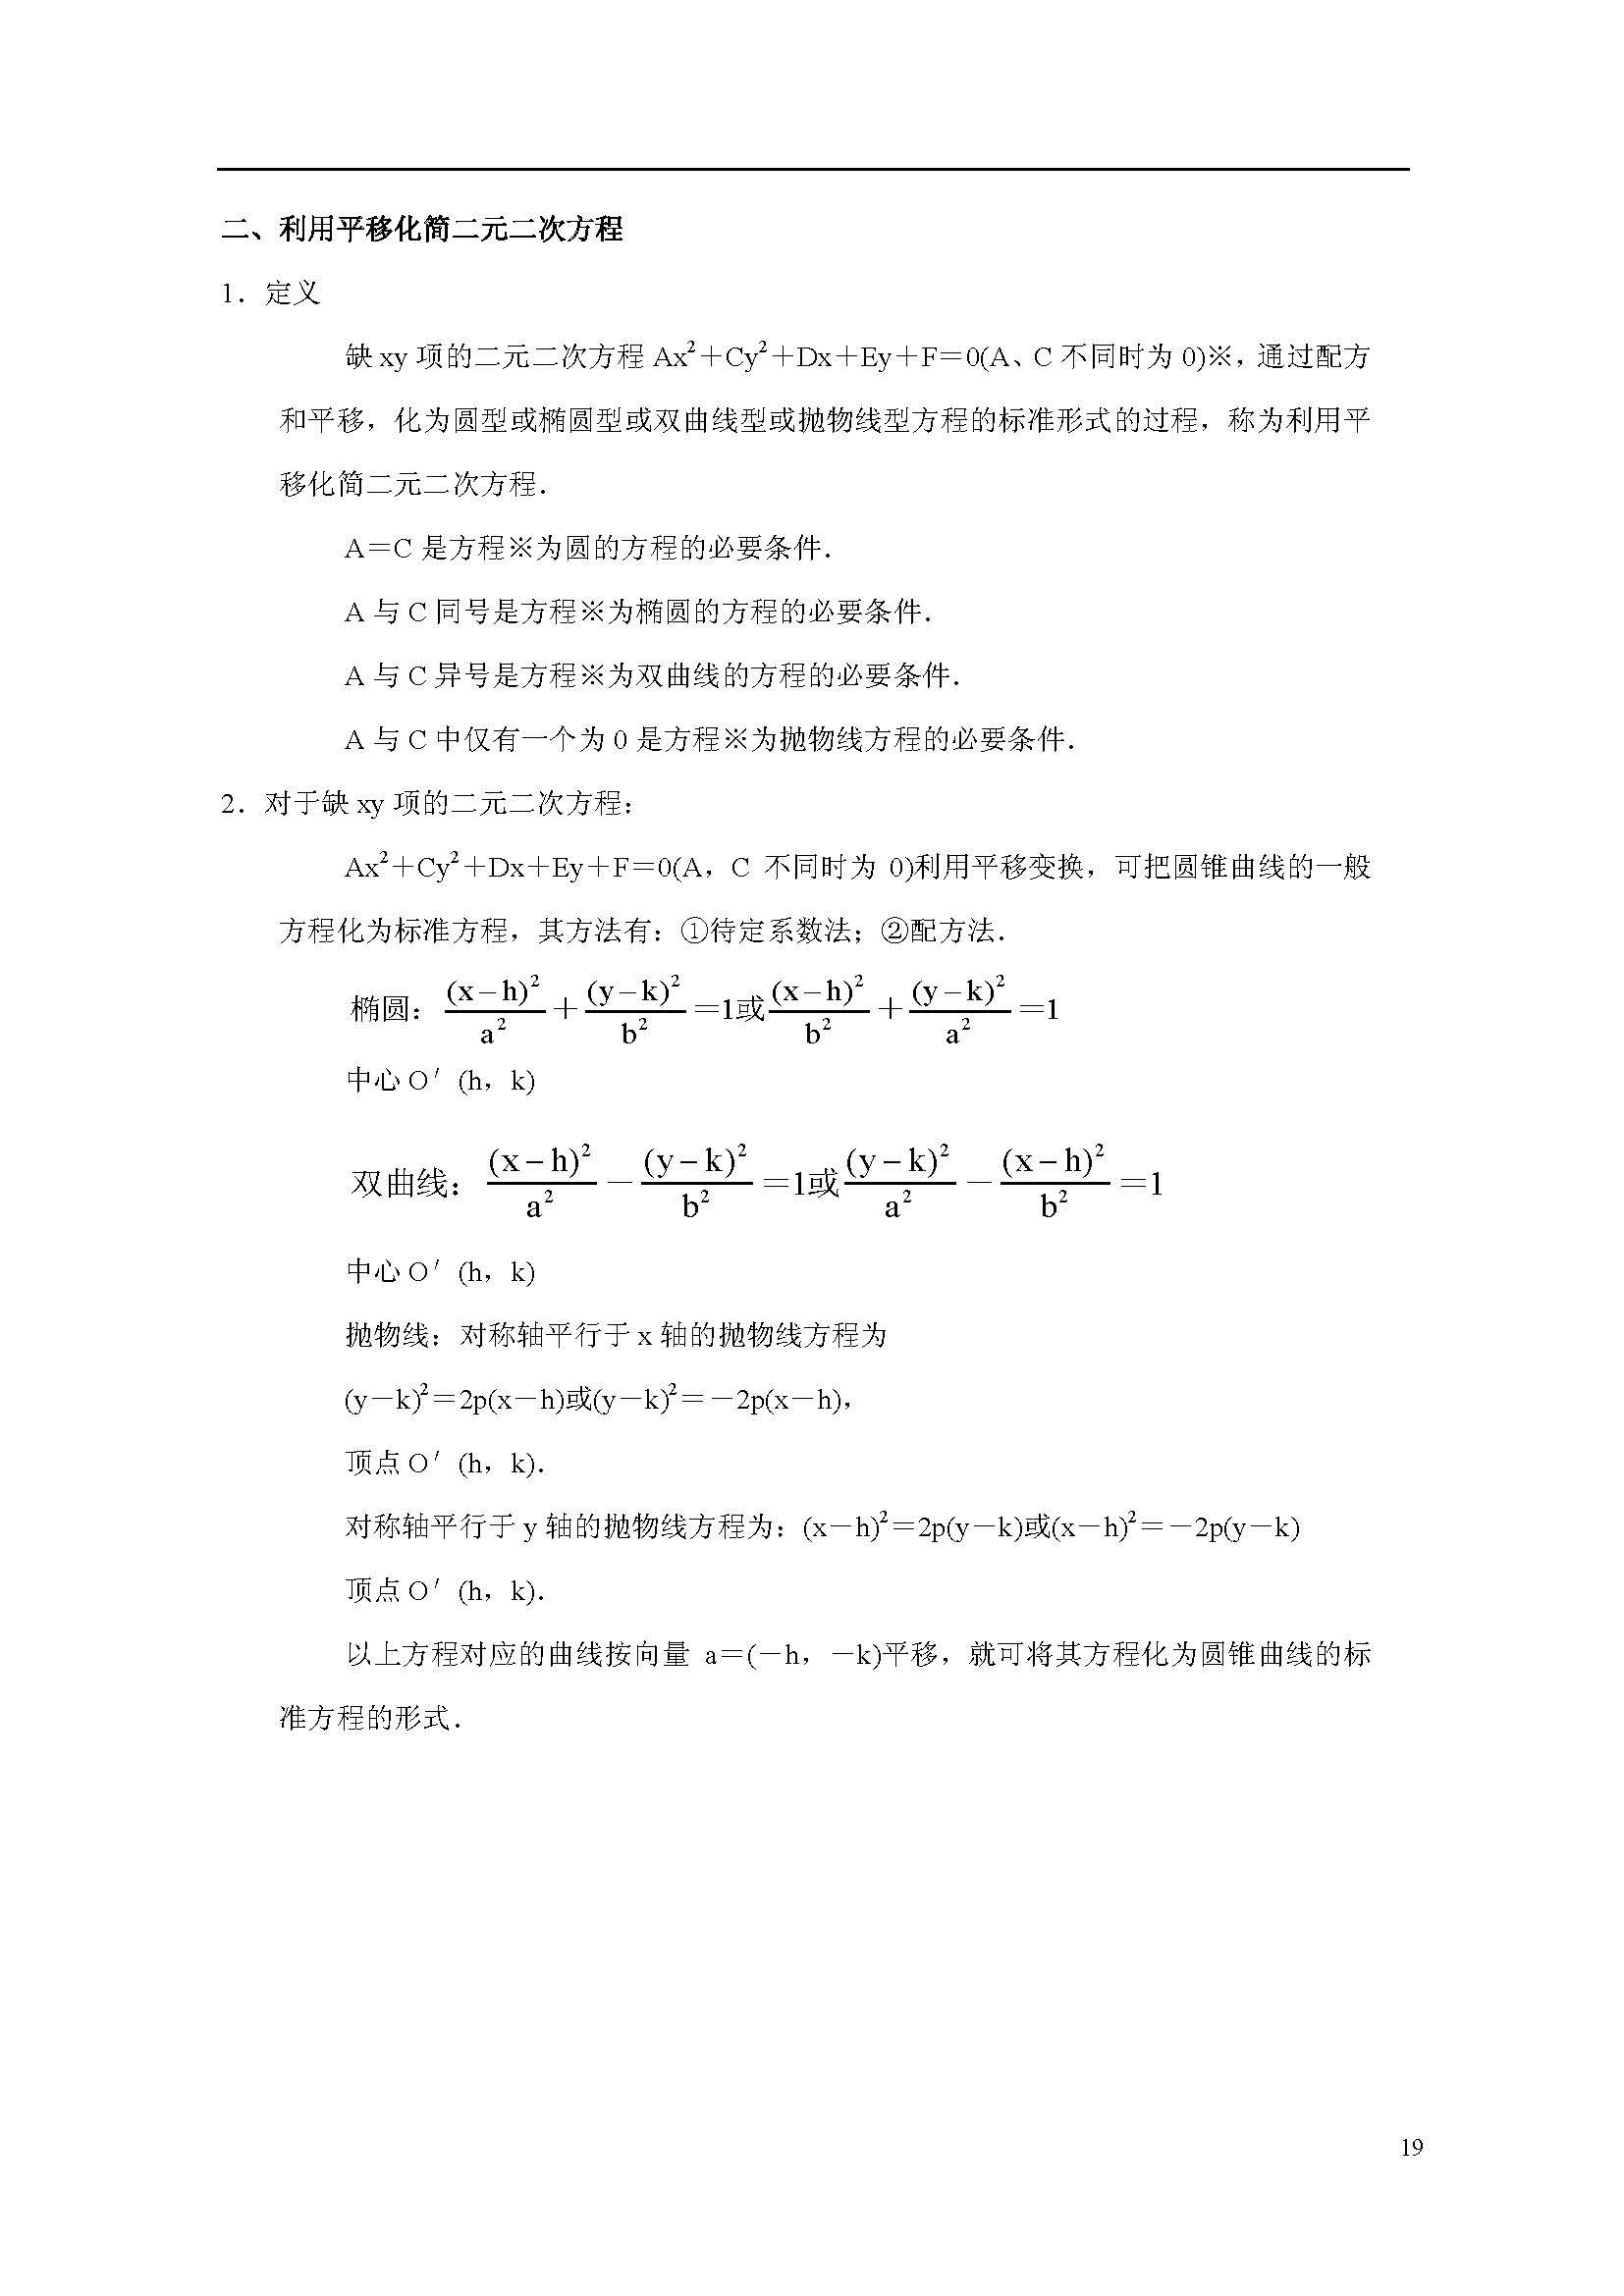 高二数学上册知识点总结:平移化简二元二次方程